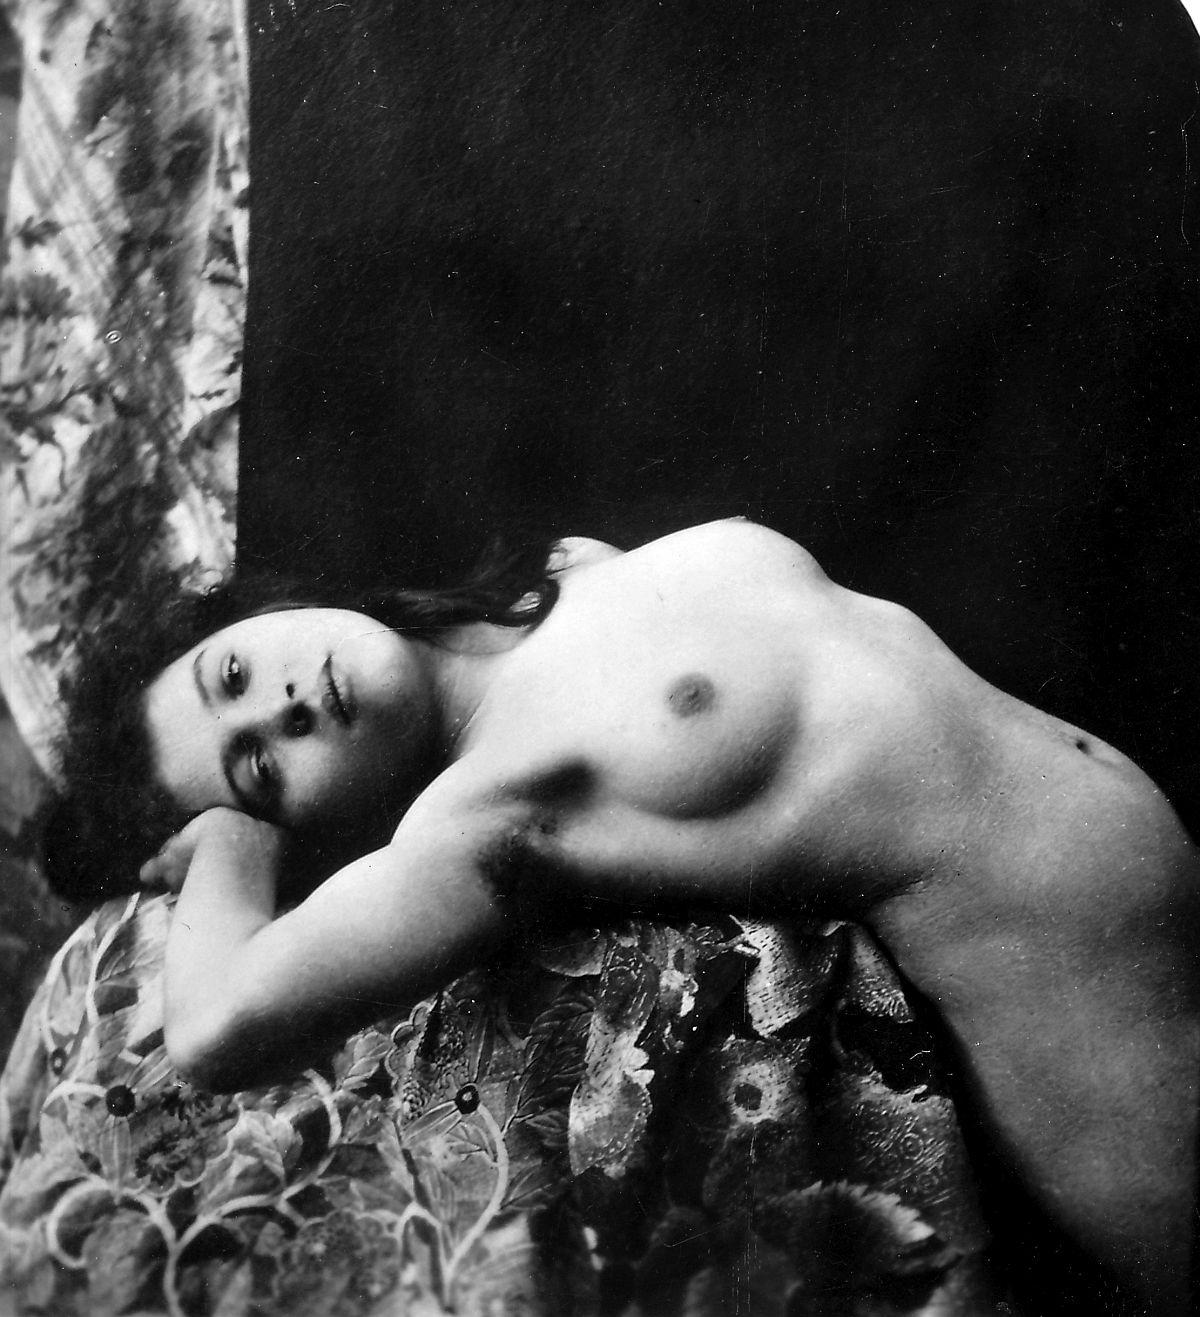 Photographia Erotica Historica